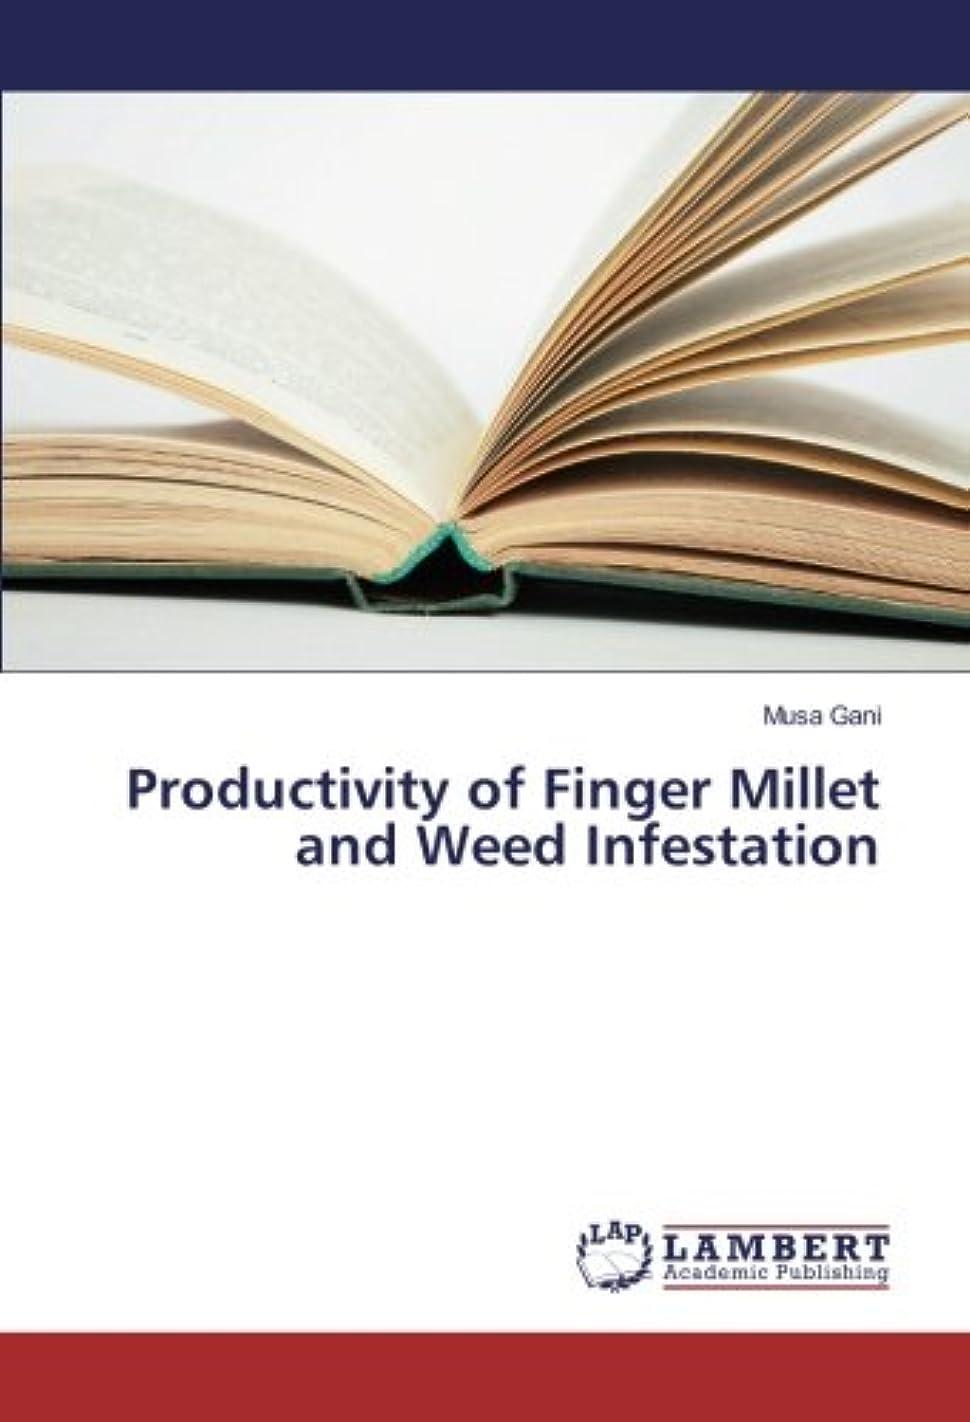 抽出卑しい熟達Productivity of Finger Millet and Weed Infestation